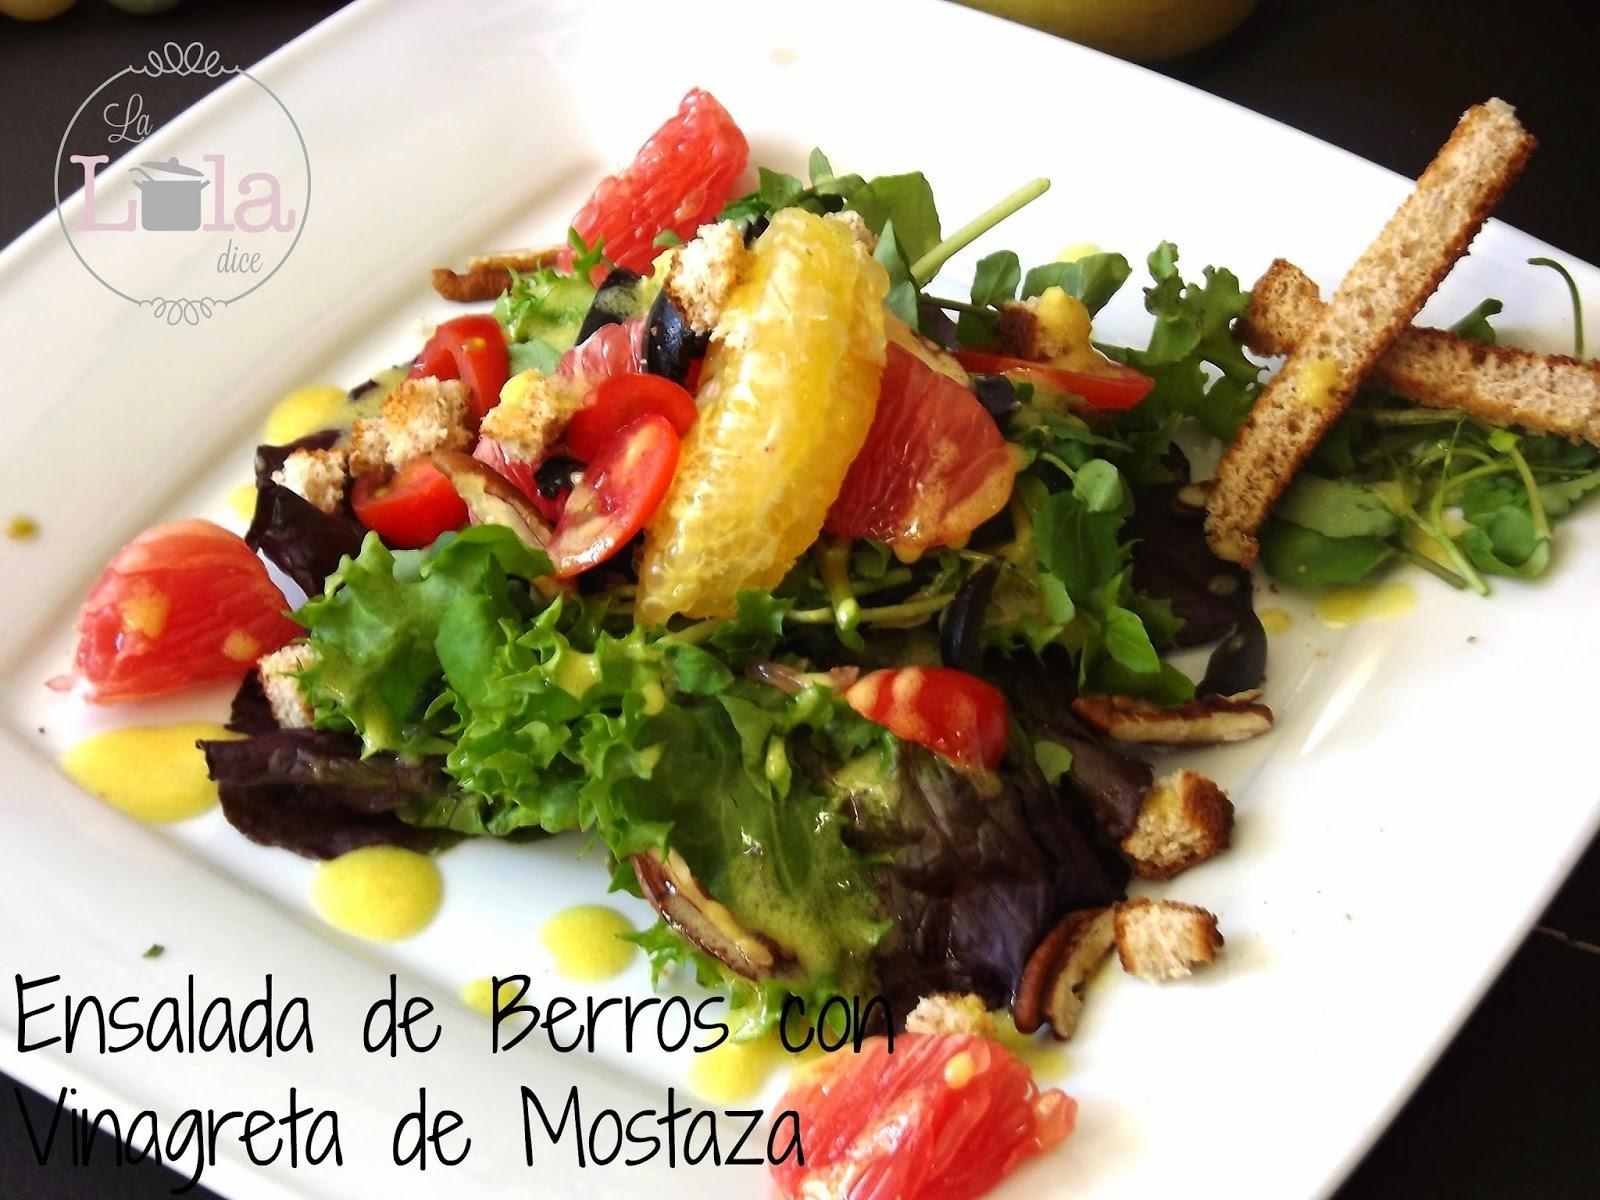 Ensalada de Berros en vinagreta de mostaza